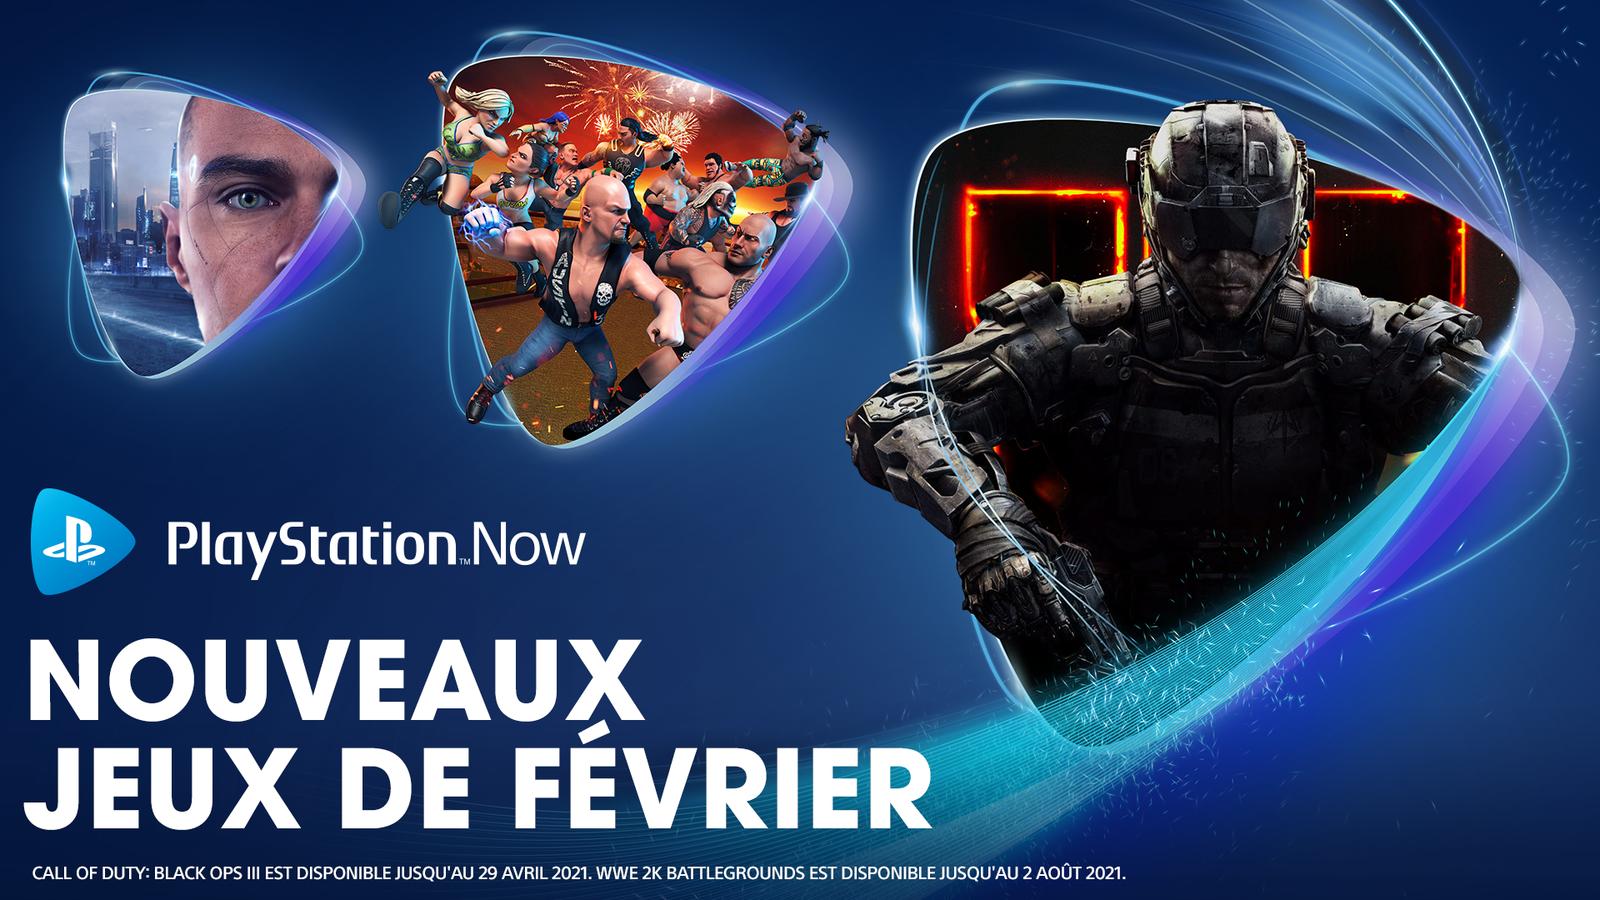 [ACTUALITE] PlayStation - Les jeux PlayStation Now de février 2021